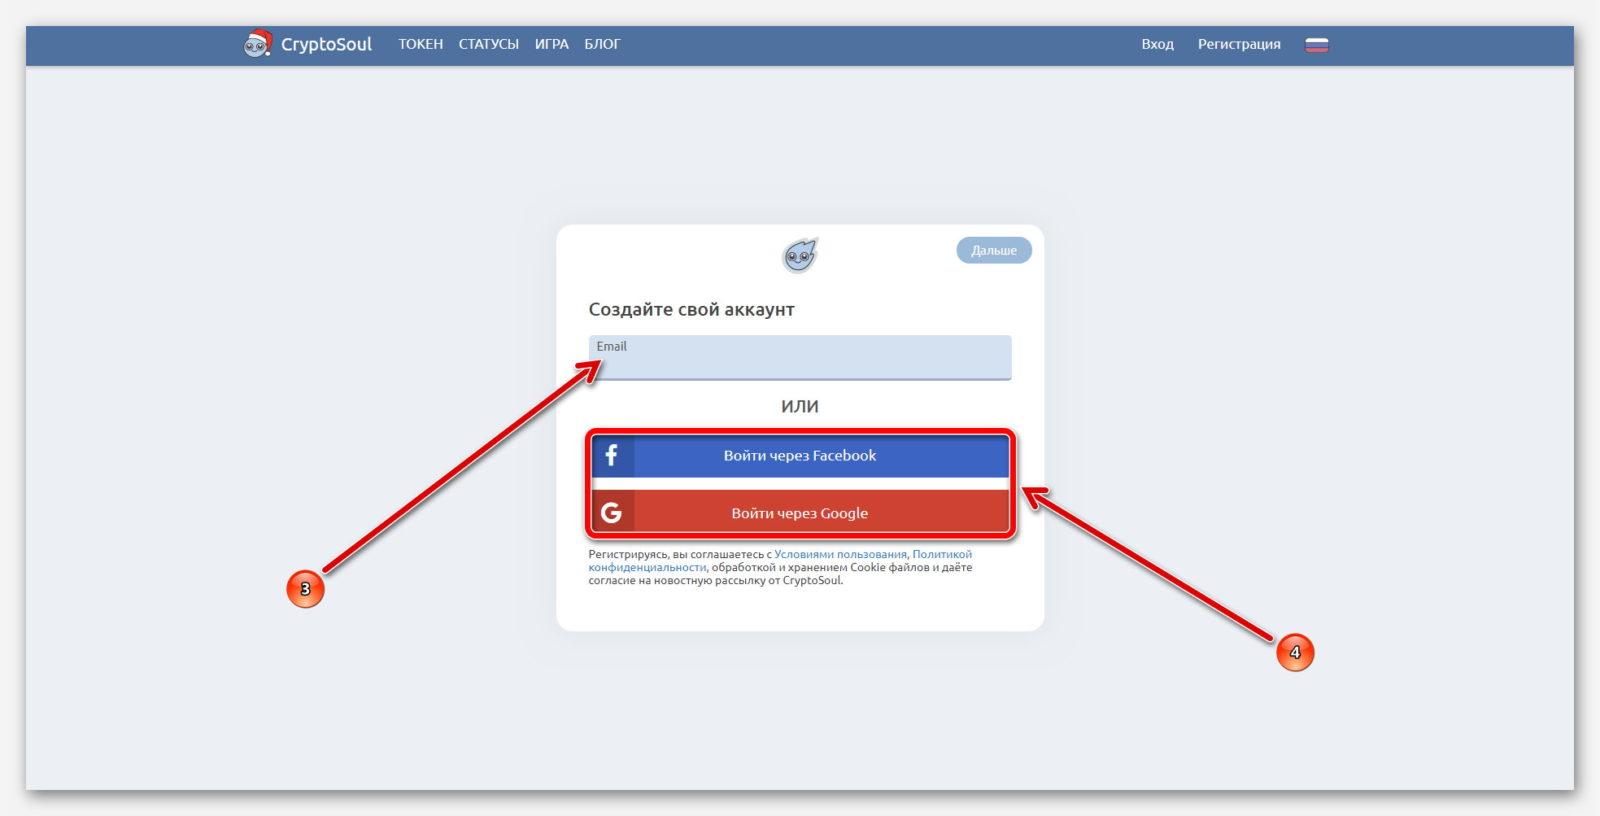 Регистрация на сайте CryptoSoul